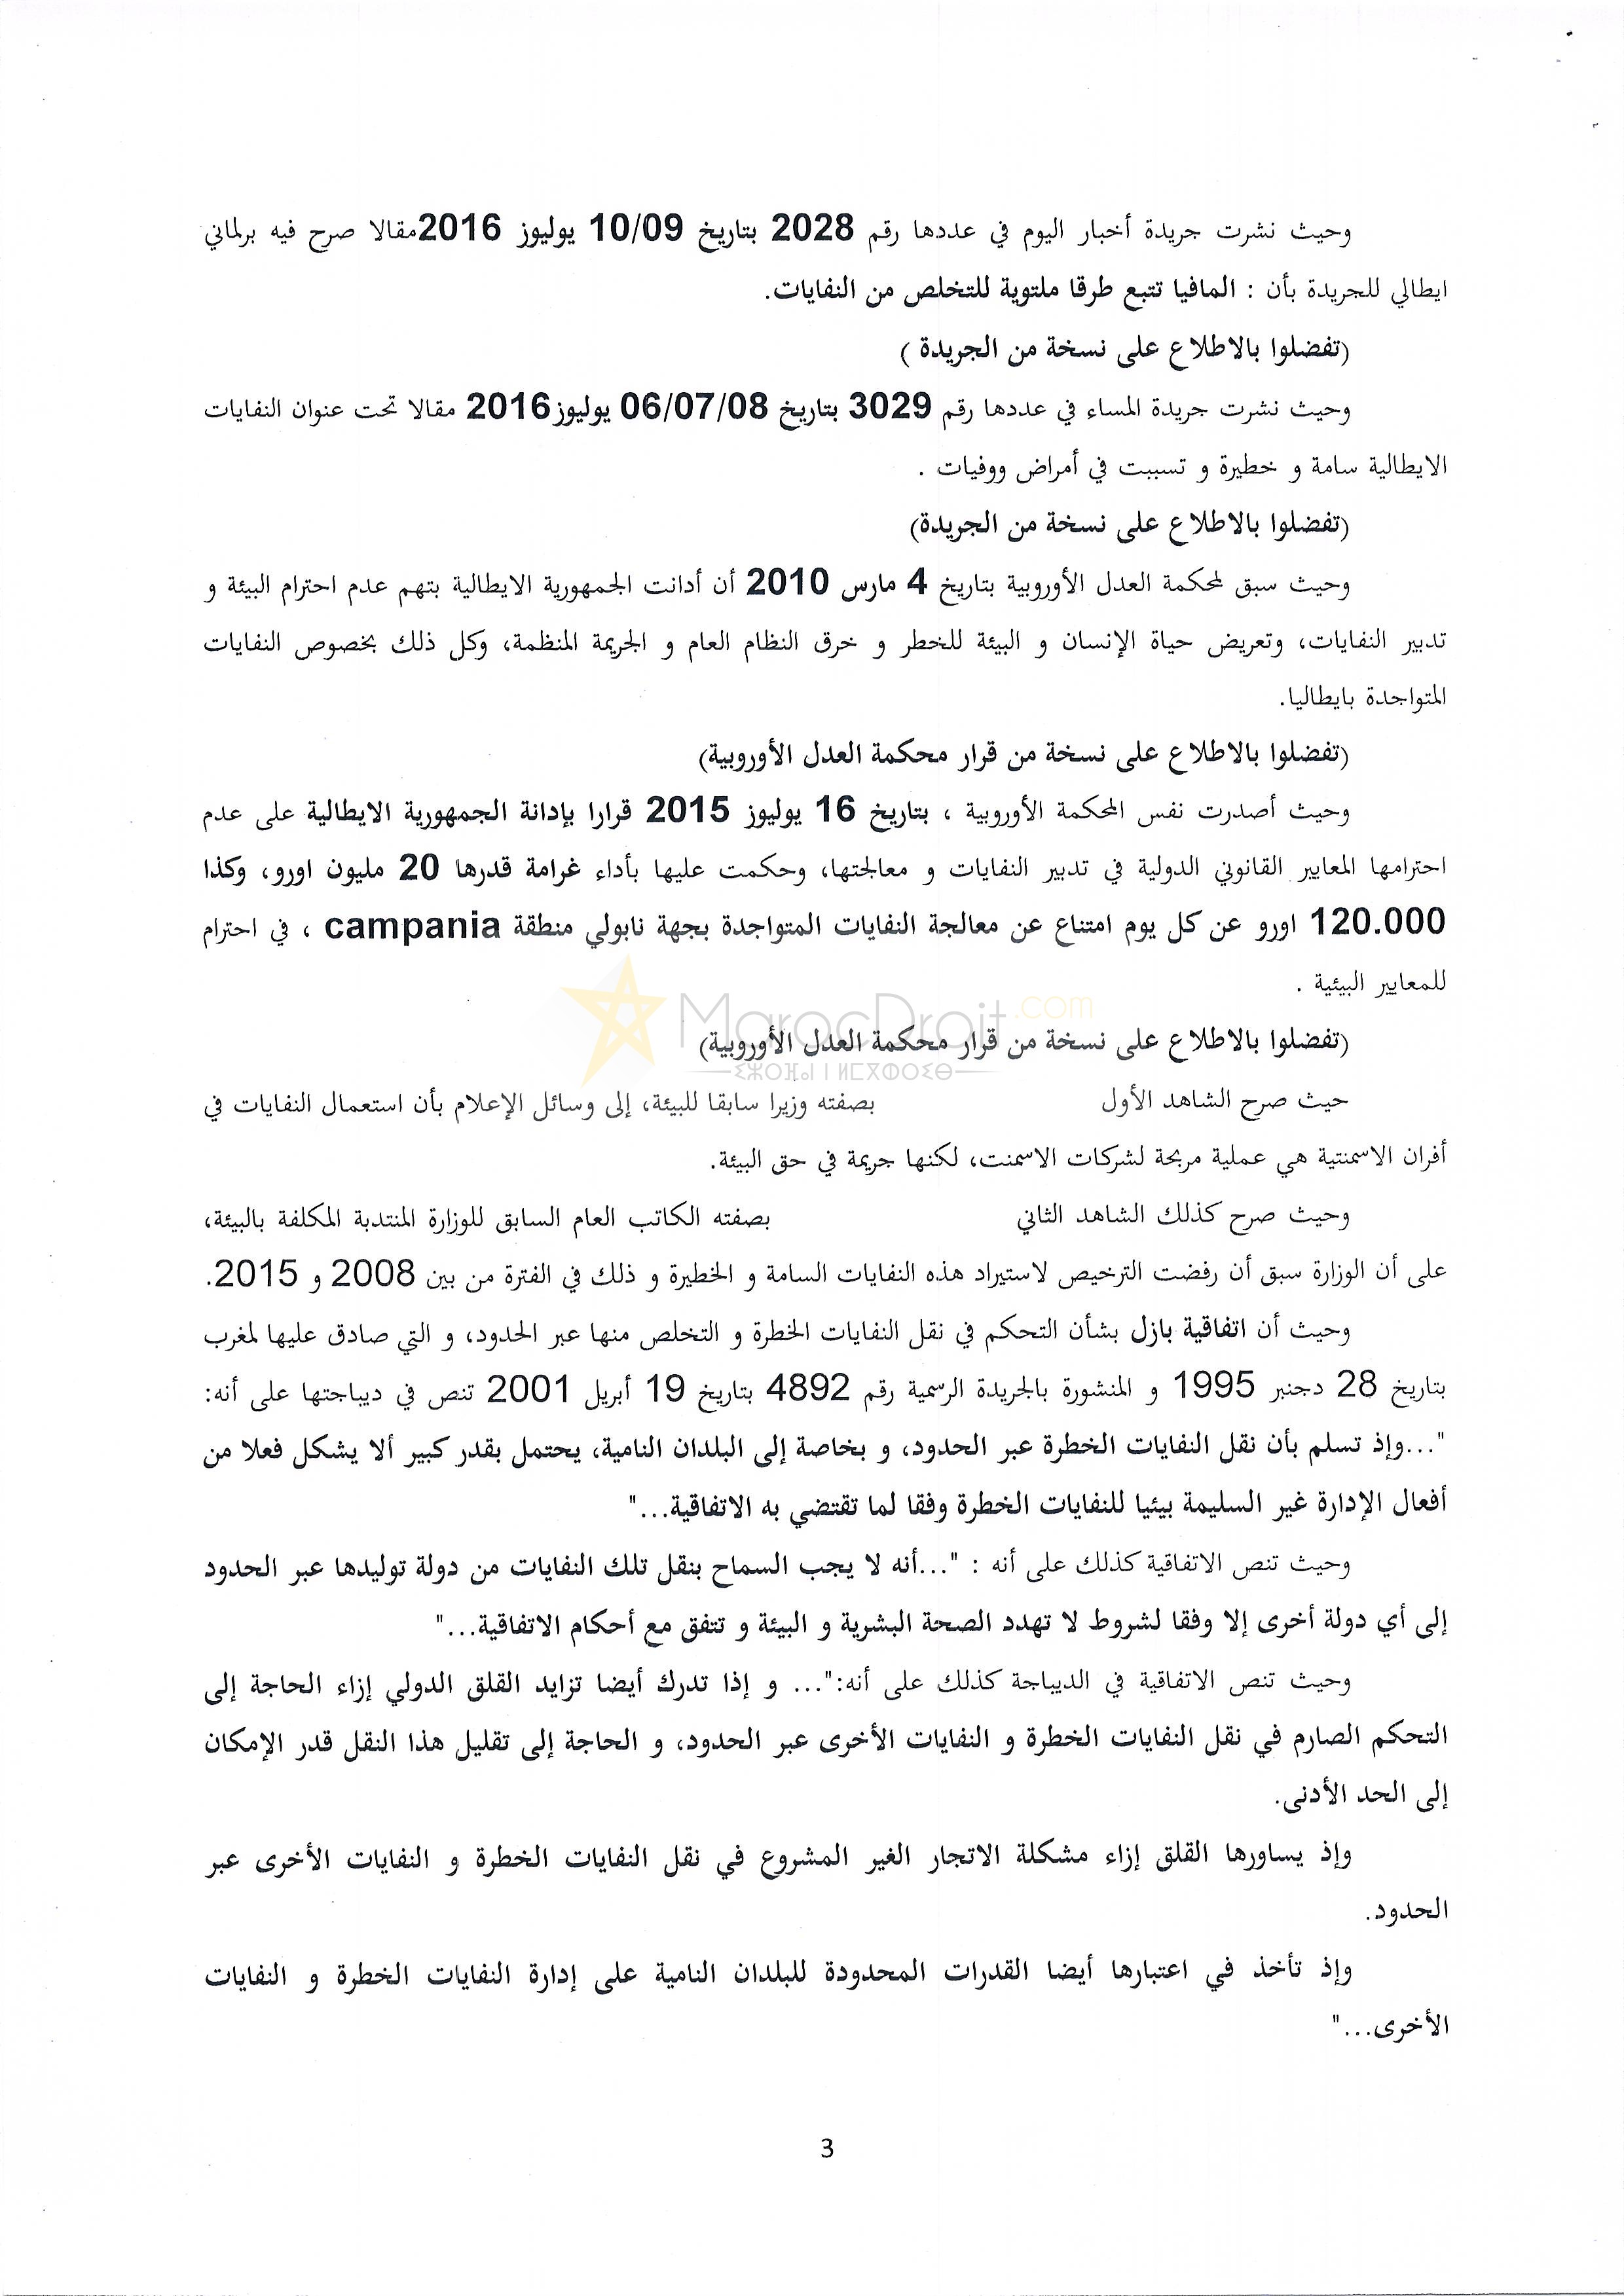 نسخة كاملة من الشكاية المرفوعة إلى القضاء المغربي في القضية المعروفة إعلاميا بنفايات إيطاليا.